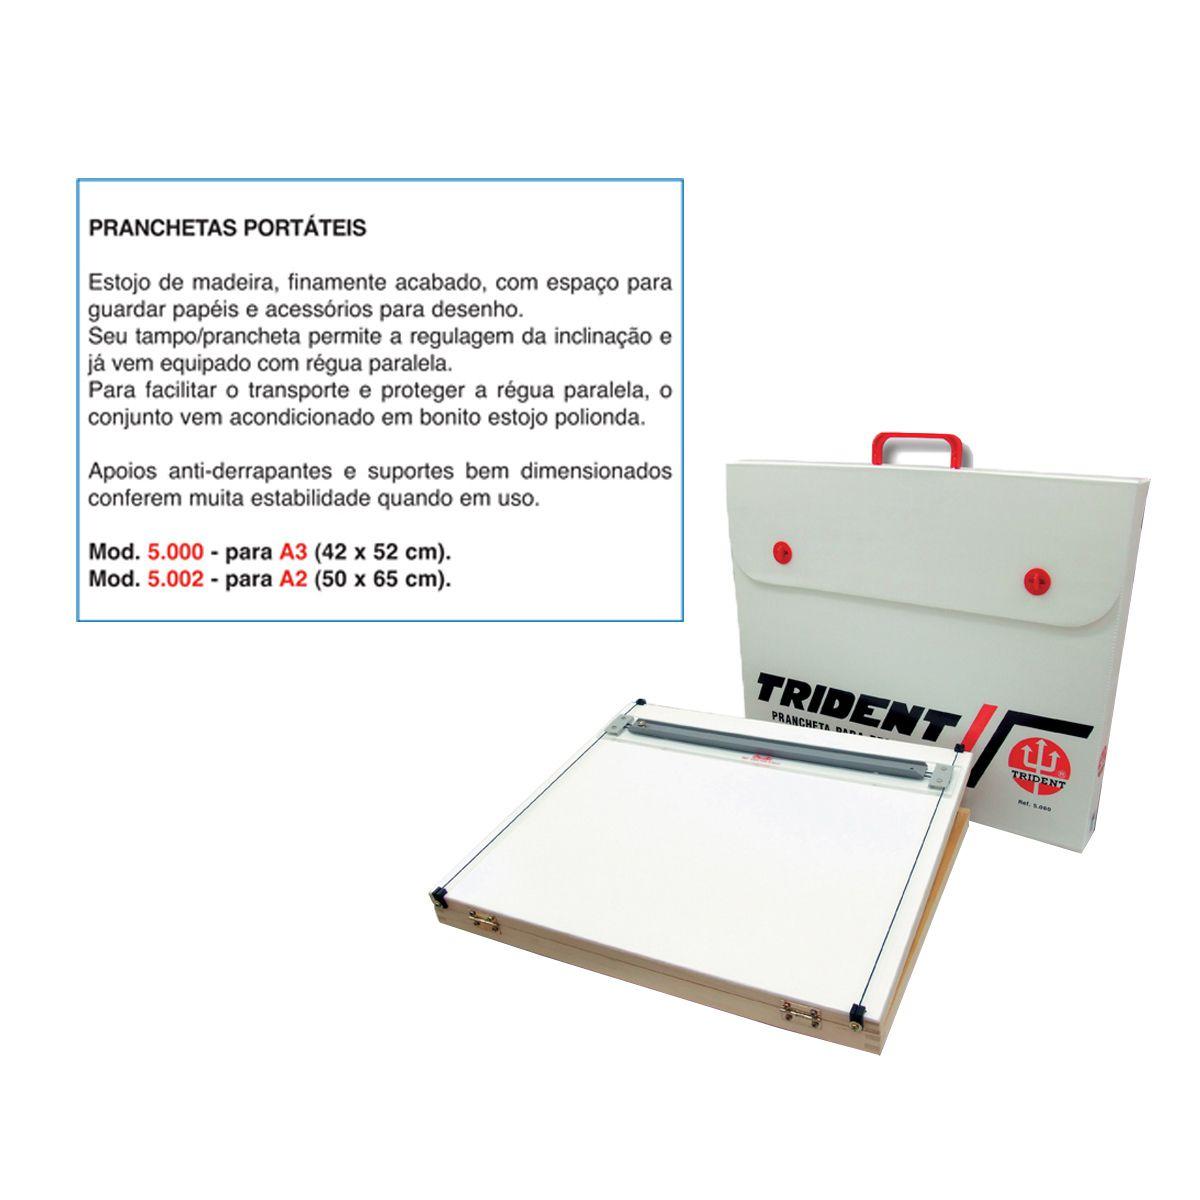 Prancheta Portátil Trident c/ Régua Paralela A2 5002